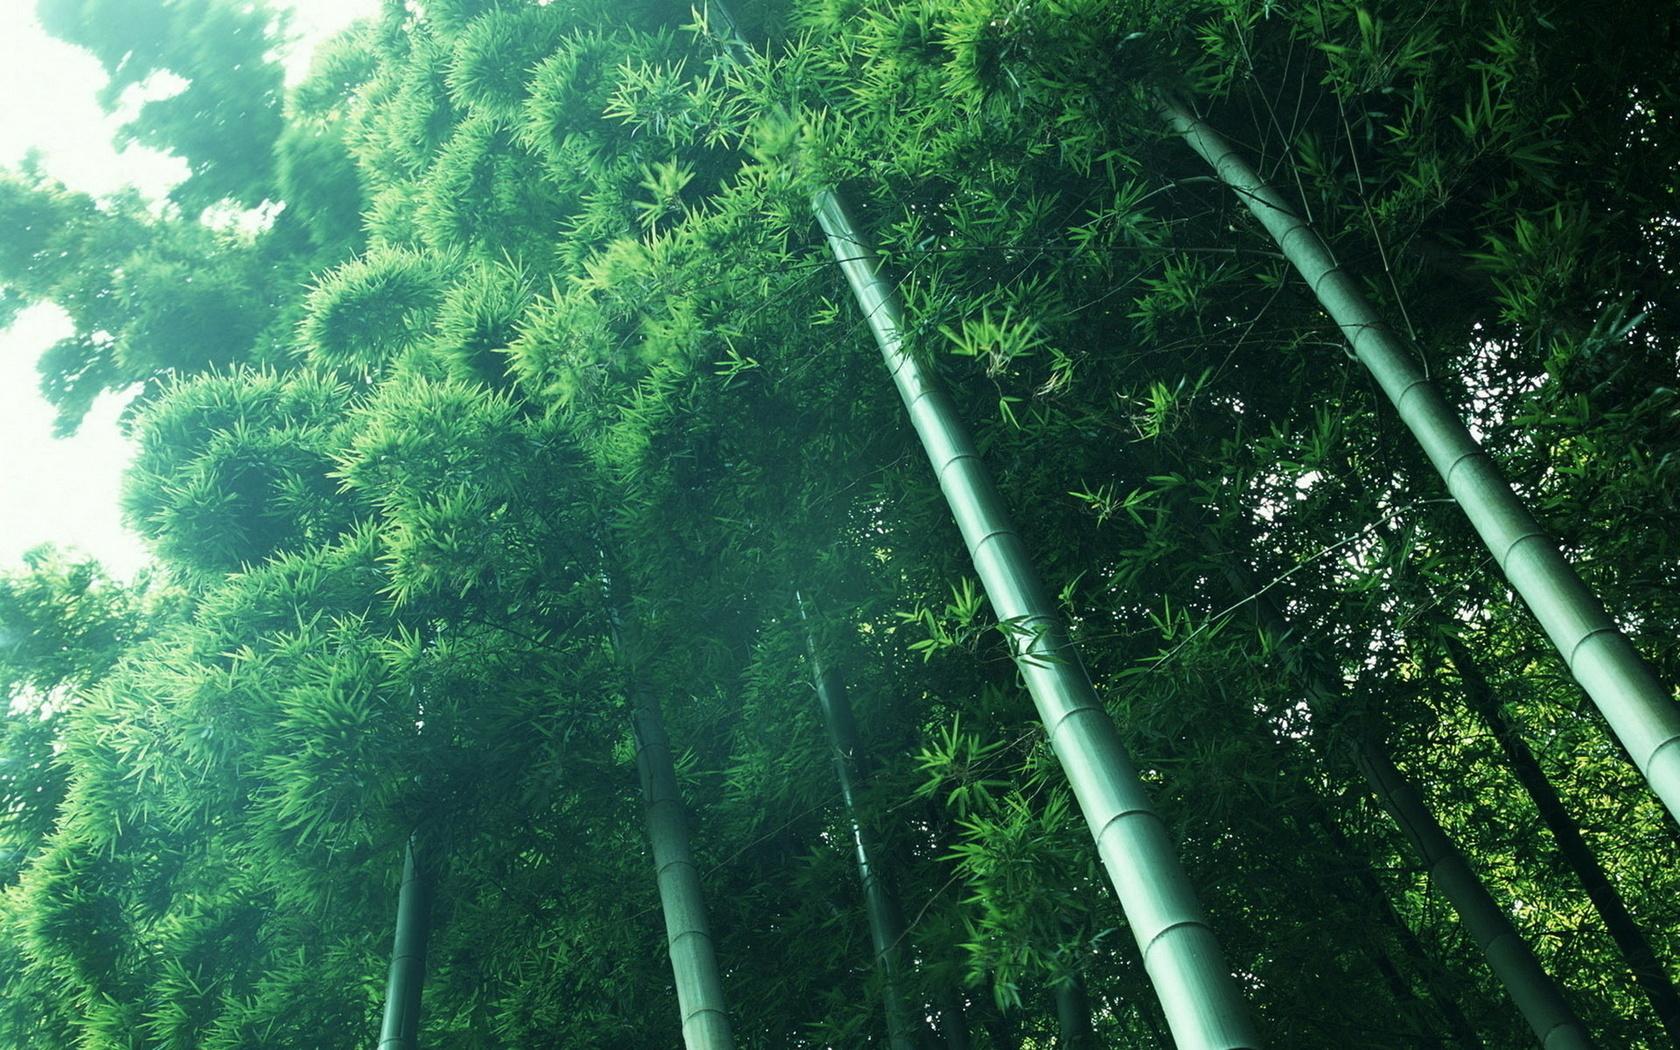 бамбук, роща, природа, зеленый